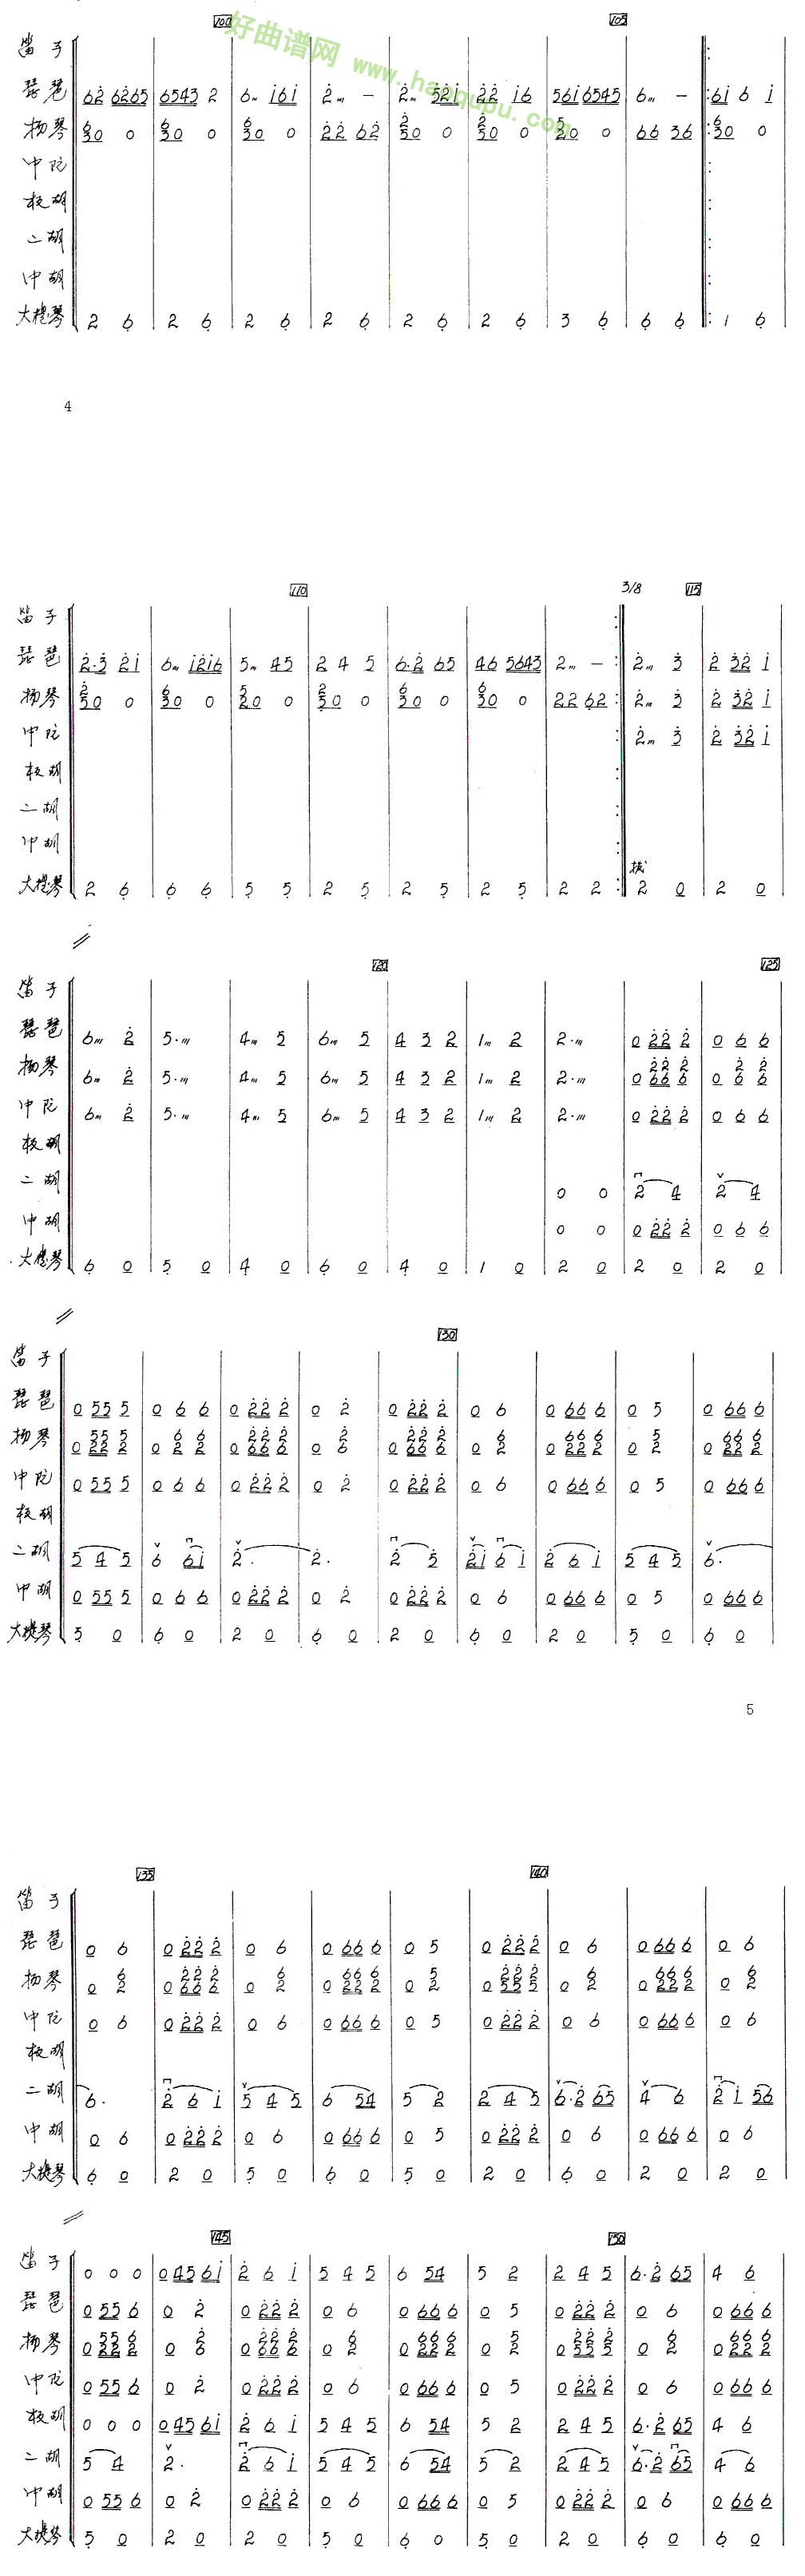 《花儿与少年》(小合奏)管乐总谱第3张